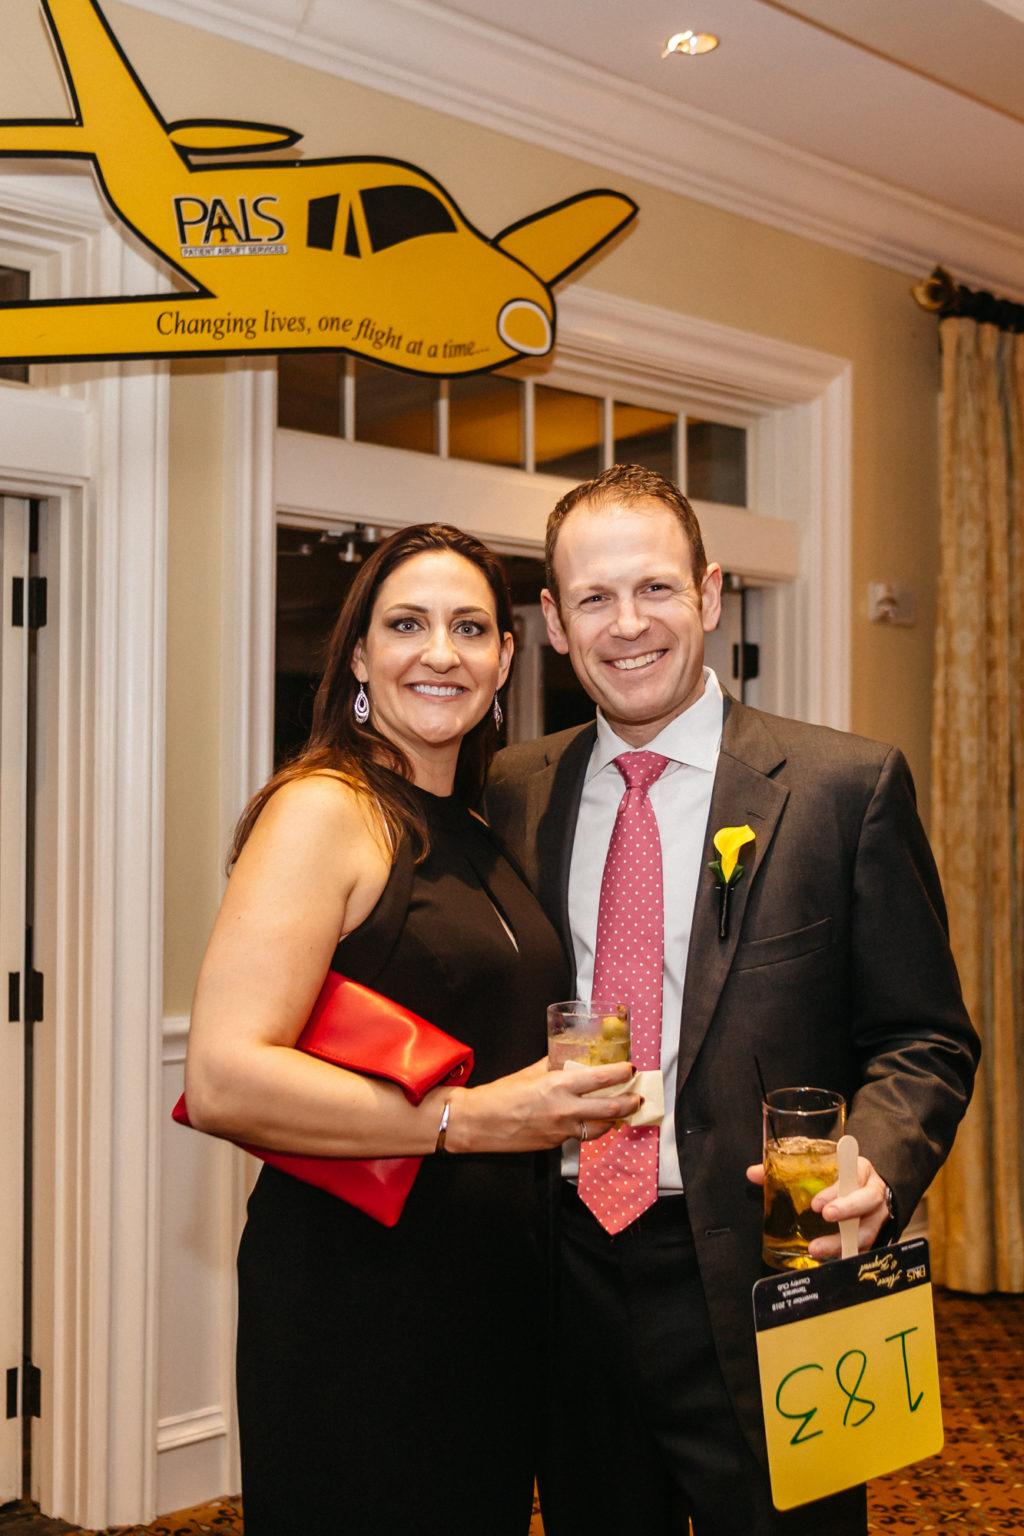 Jessica Pamer and Matt Jessel